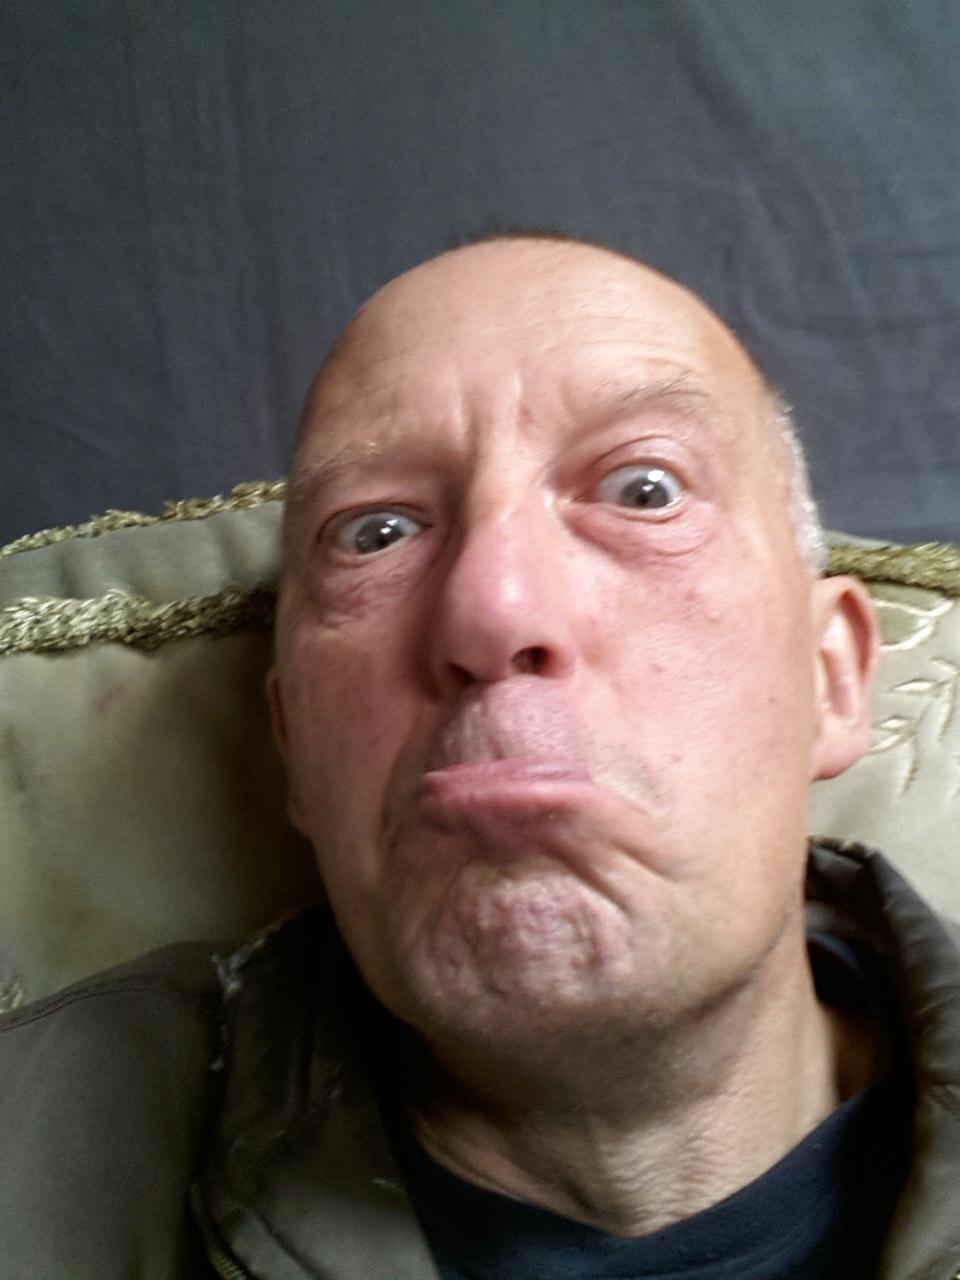 pic of alan dedman looking grumpy